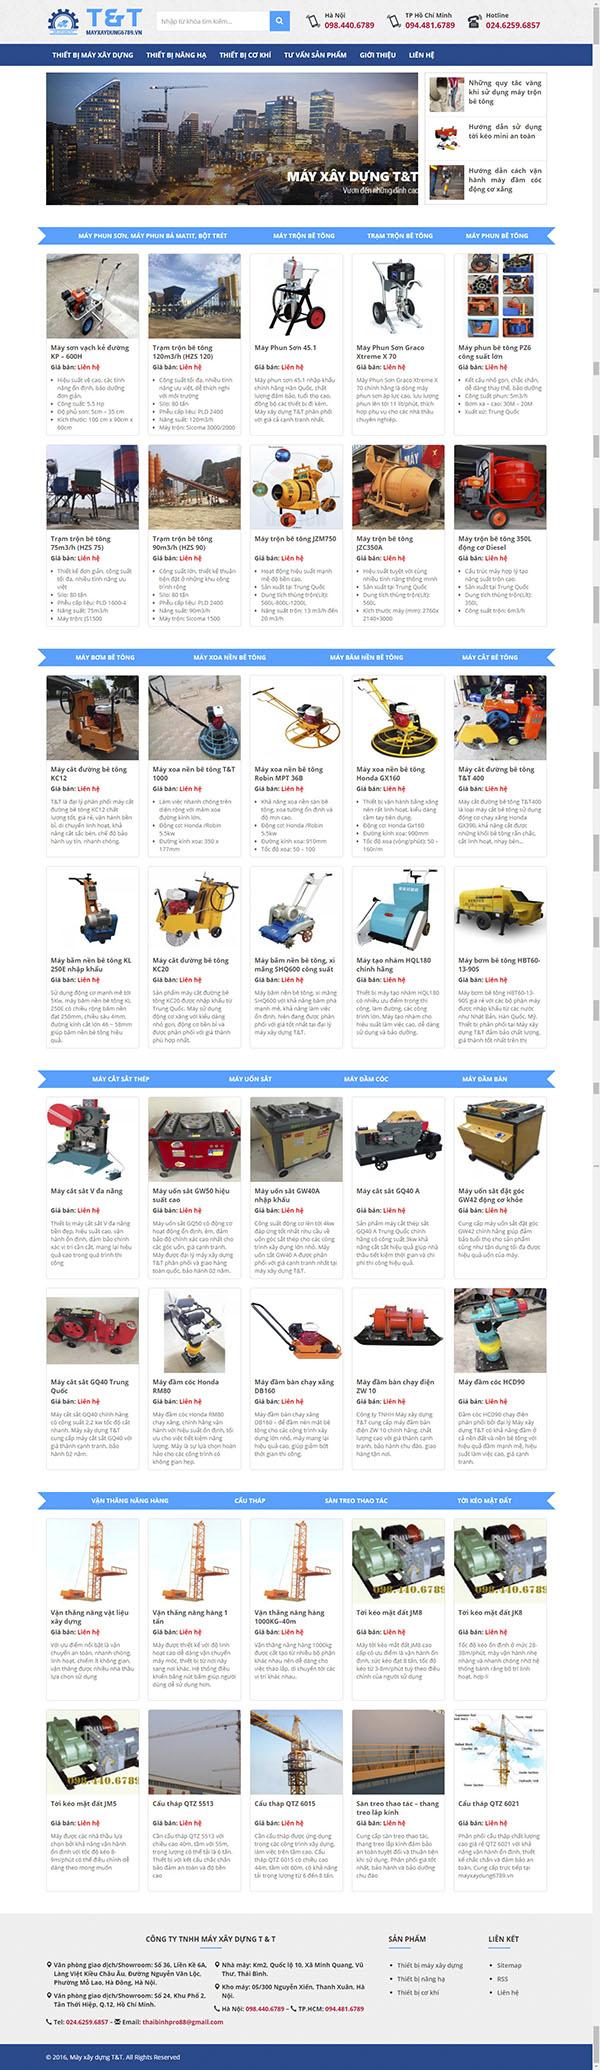 Thiết kế Mẫu thiết bị công nghiệp TBCN05